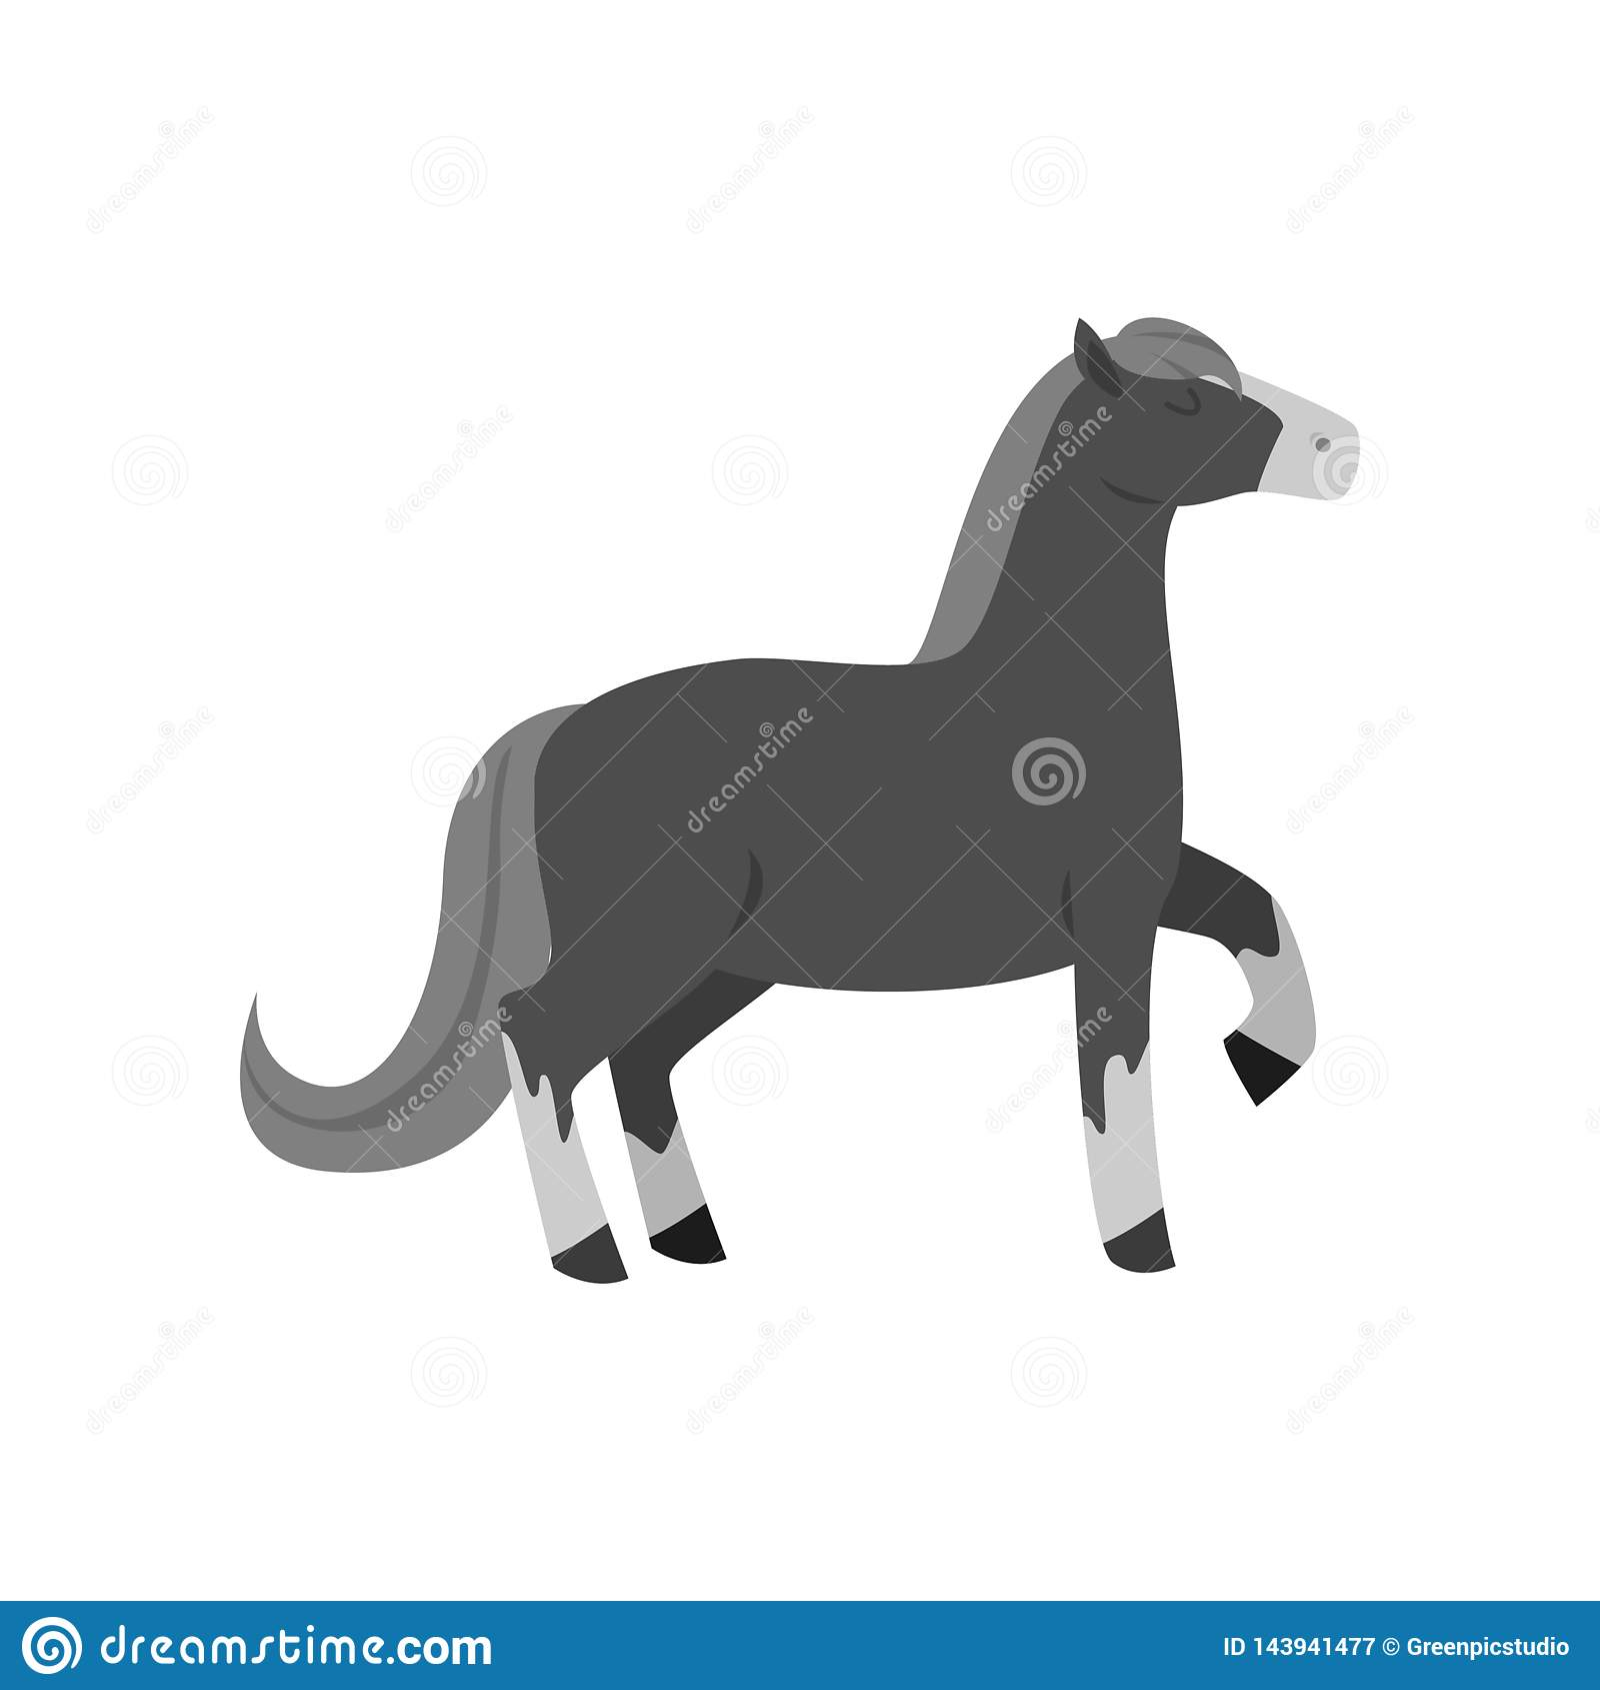 Cute Beautiful Cartoon Horse Graceful Horse Of An Unusual Coloring Stock Vector Illustration Of Arabian Horse 143941477